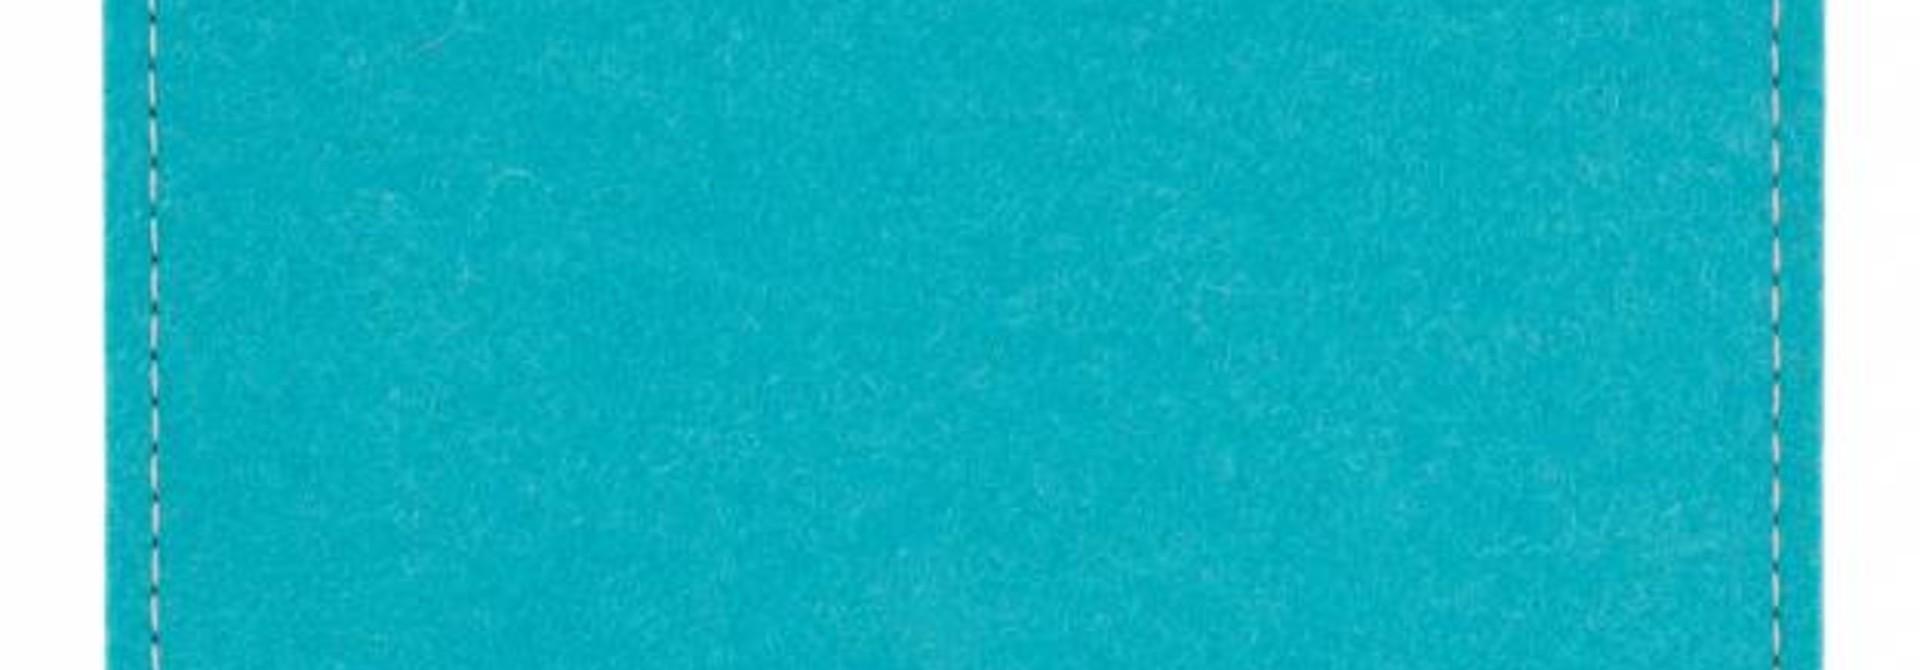 Kindle Sleeve Turquoise